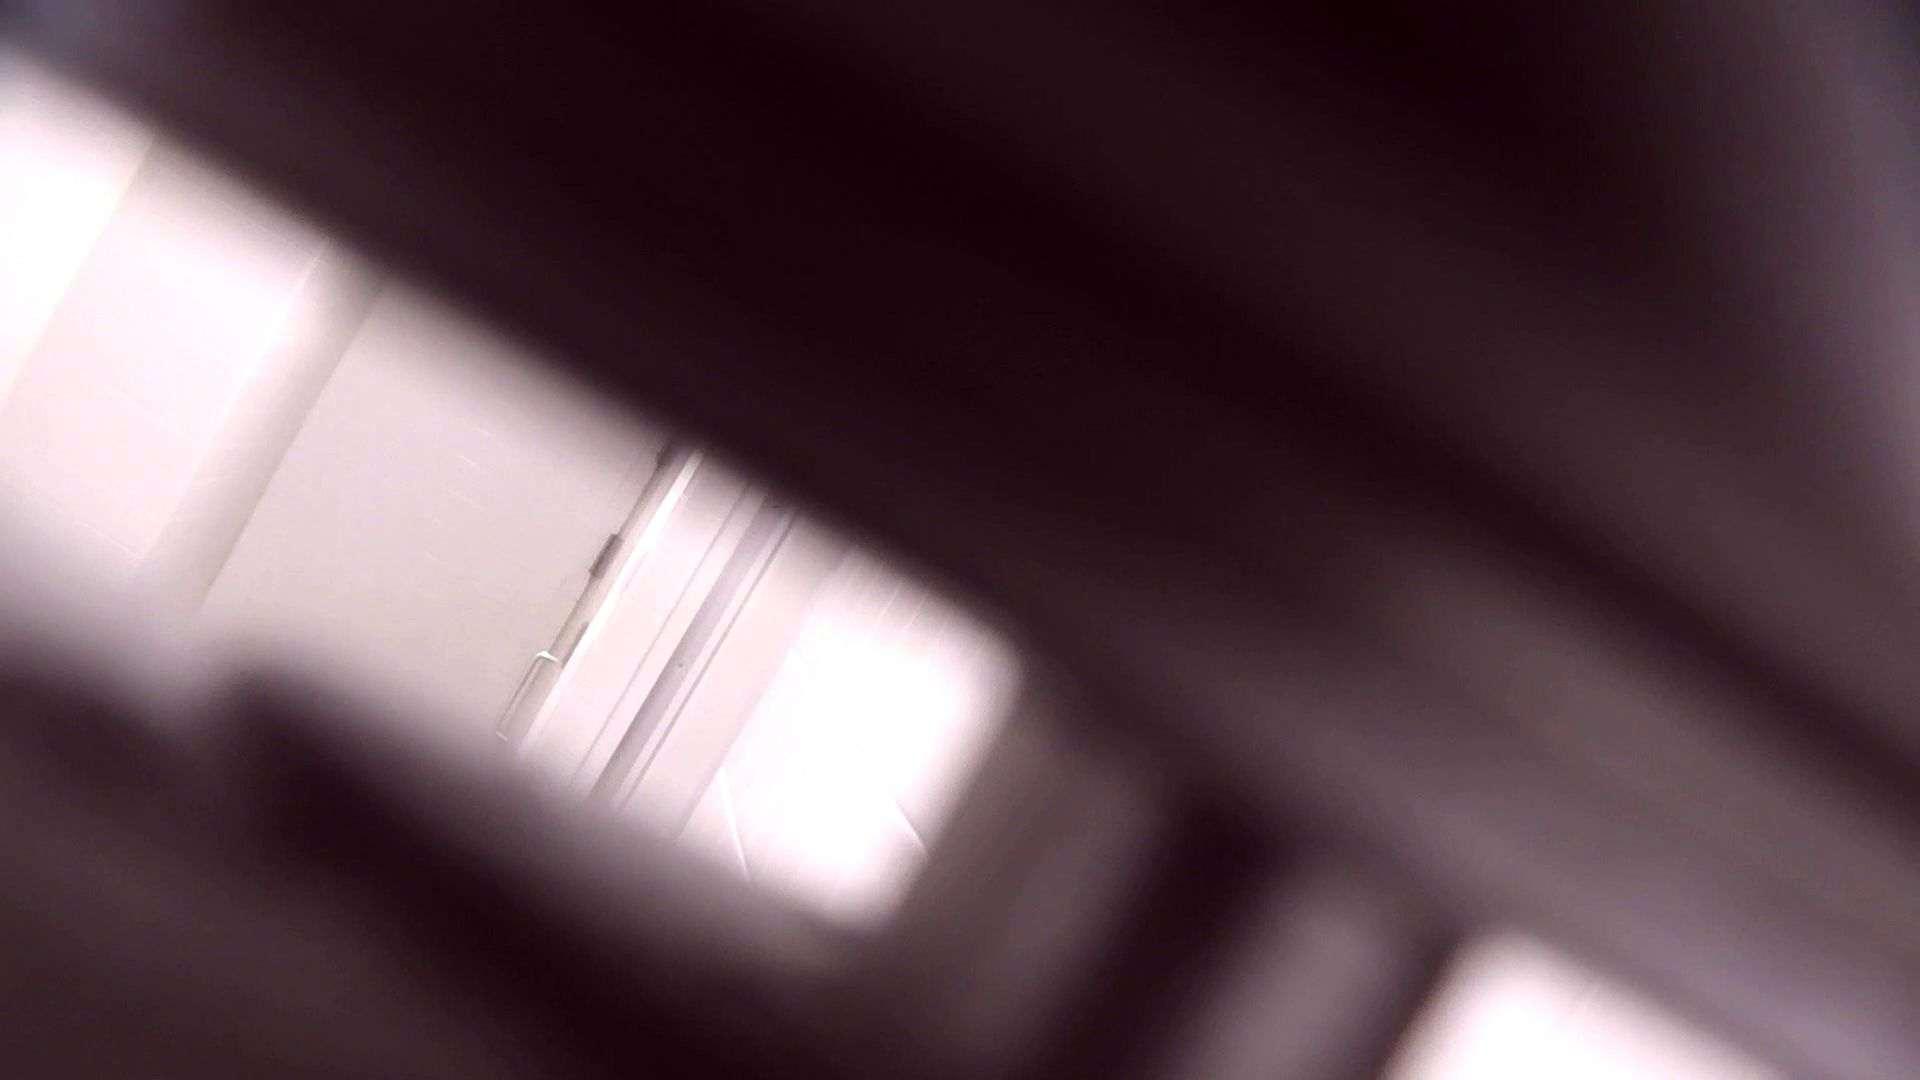 vol.17 命がけ潜伏洗面所! 張り裂けんばかりの大物 潜入  108画像 52